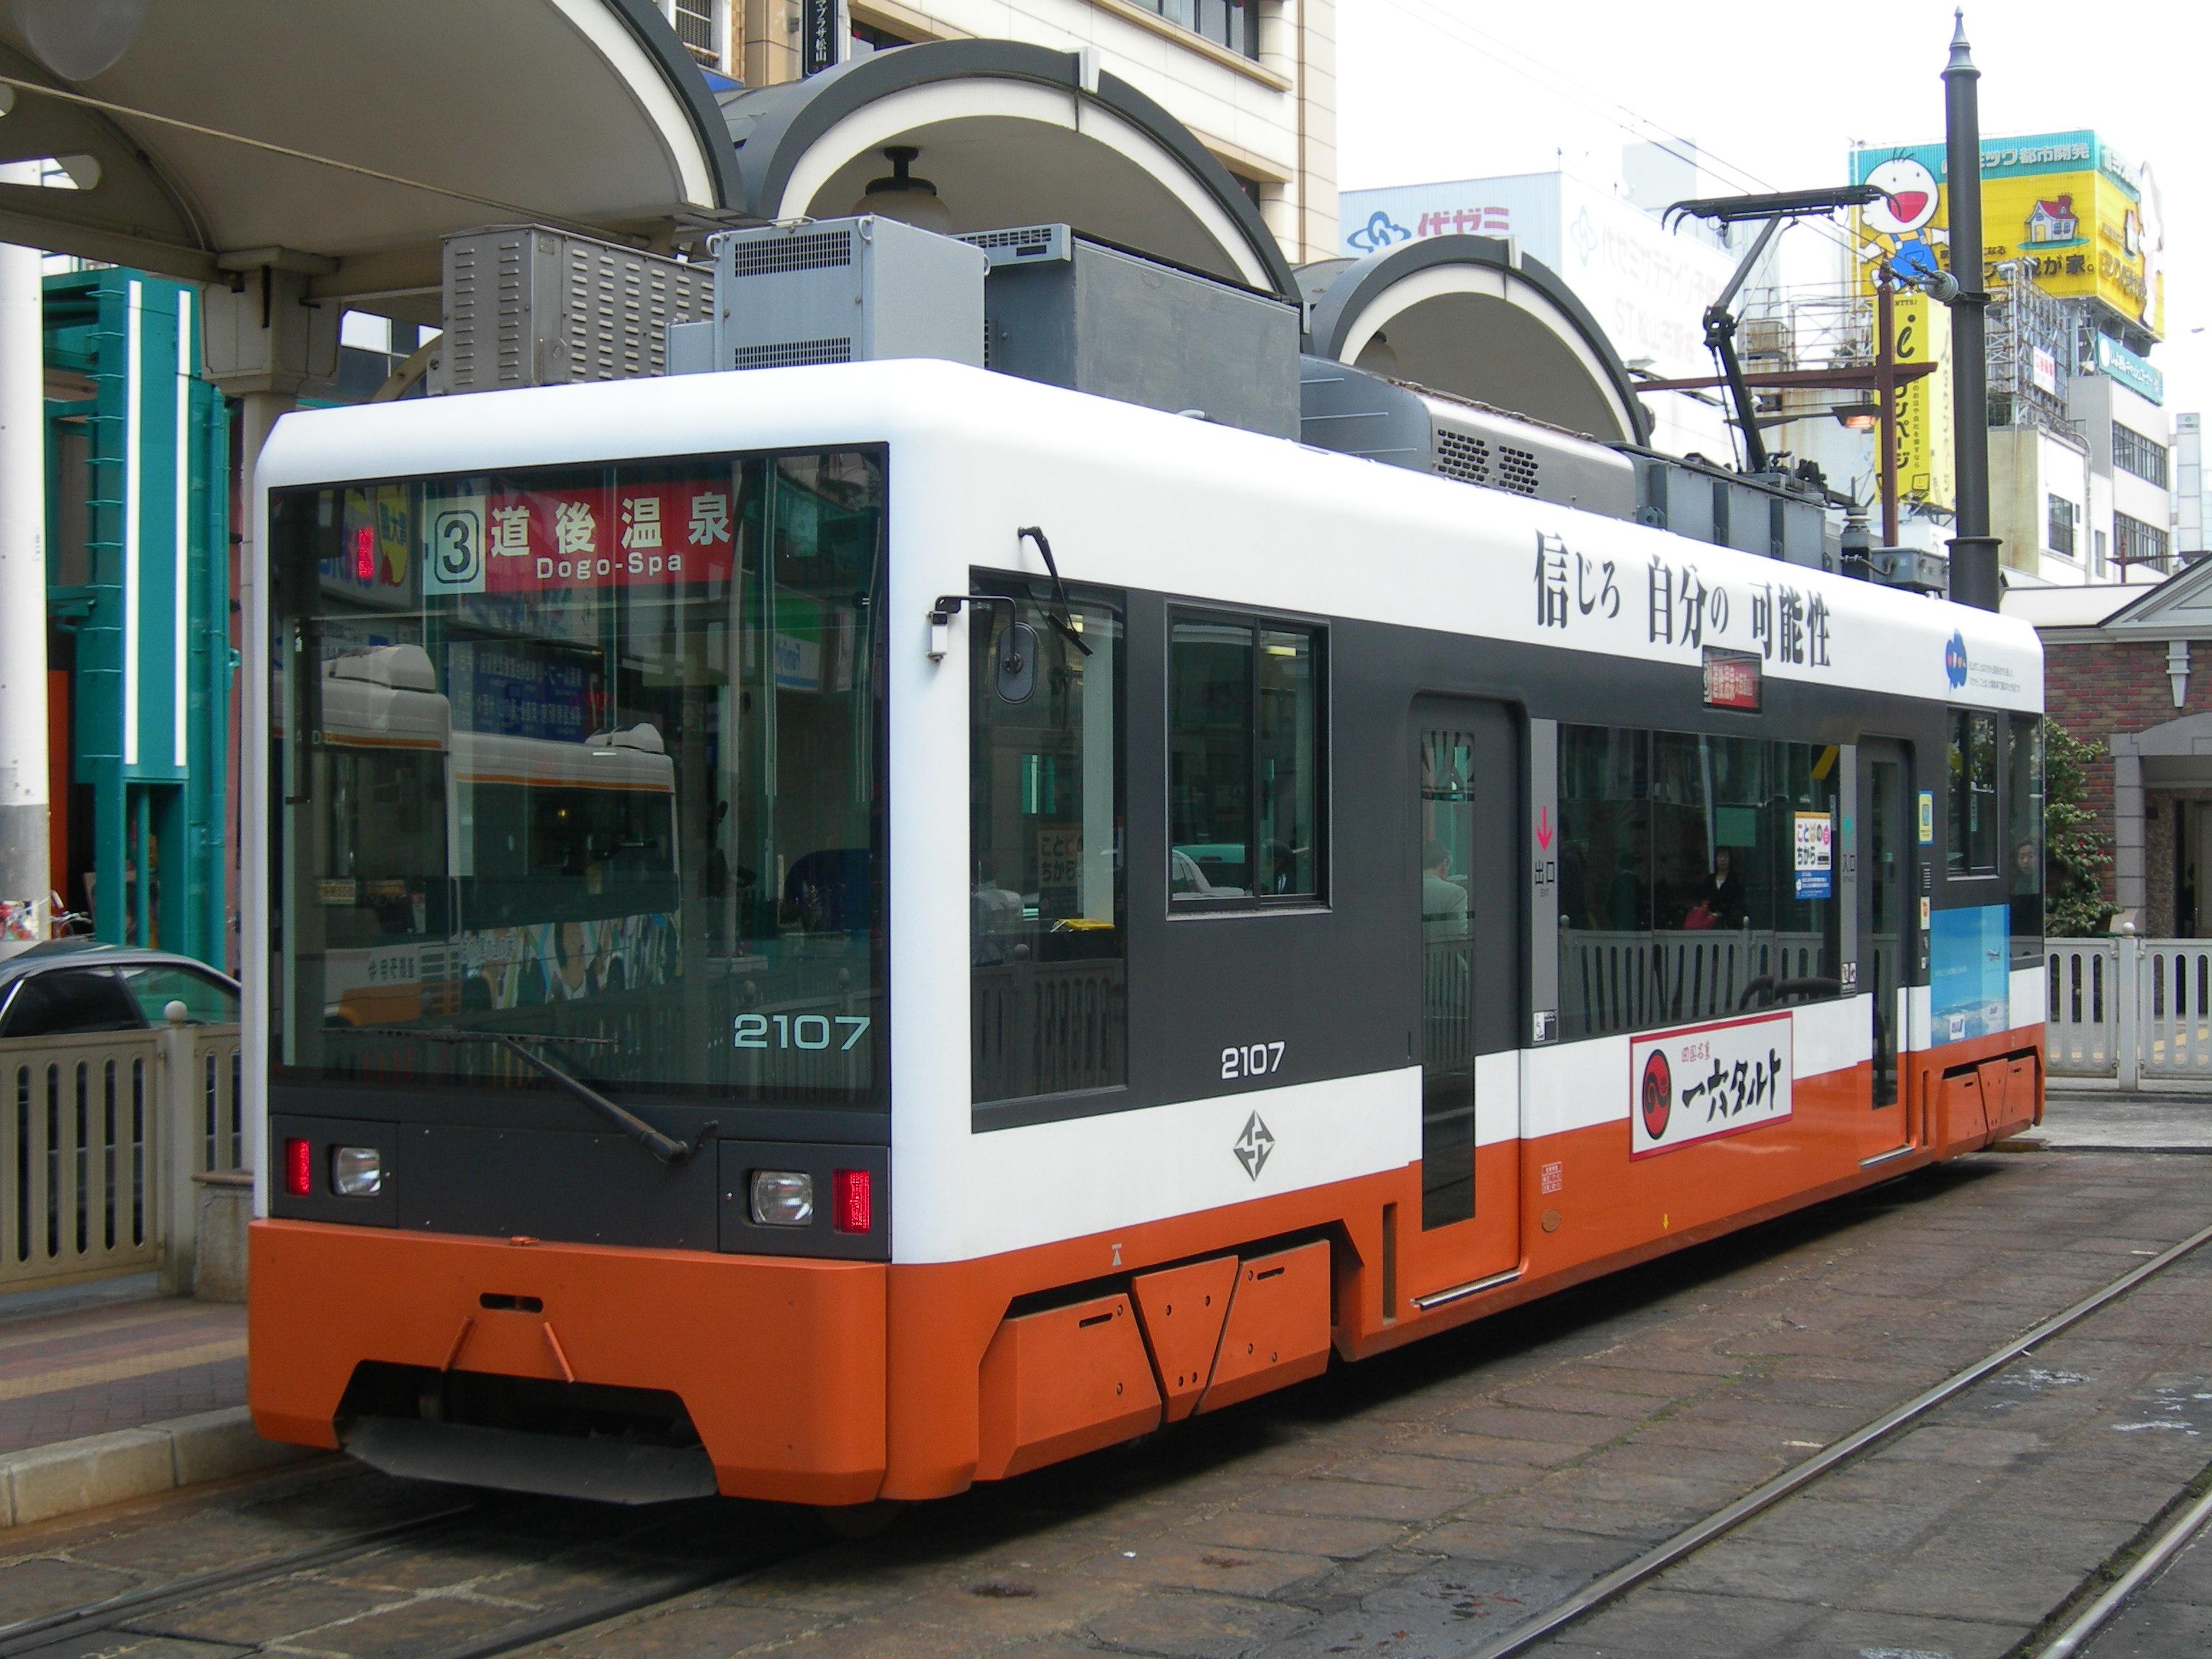 Iyotetsu2107.JPG